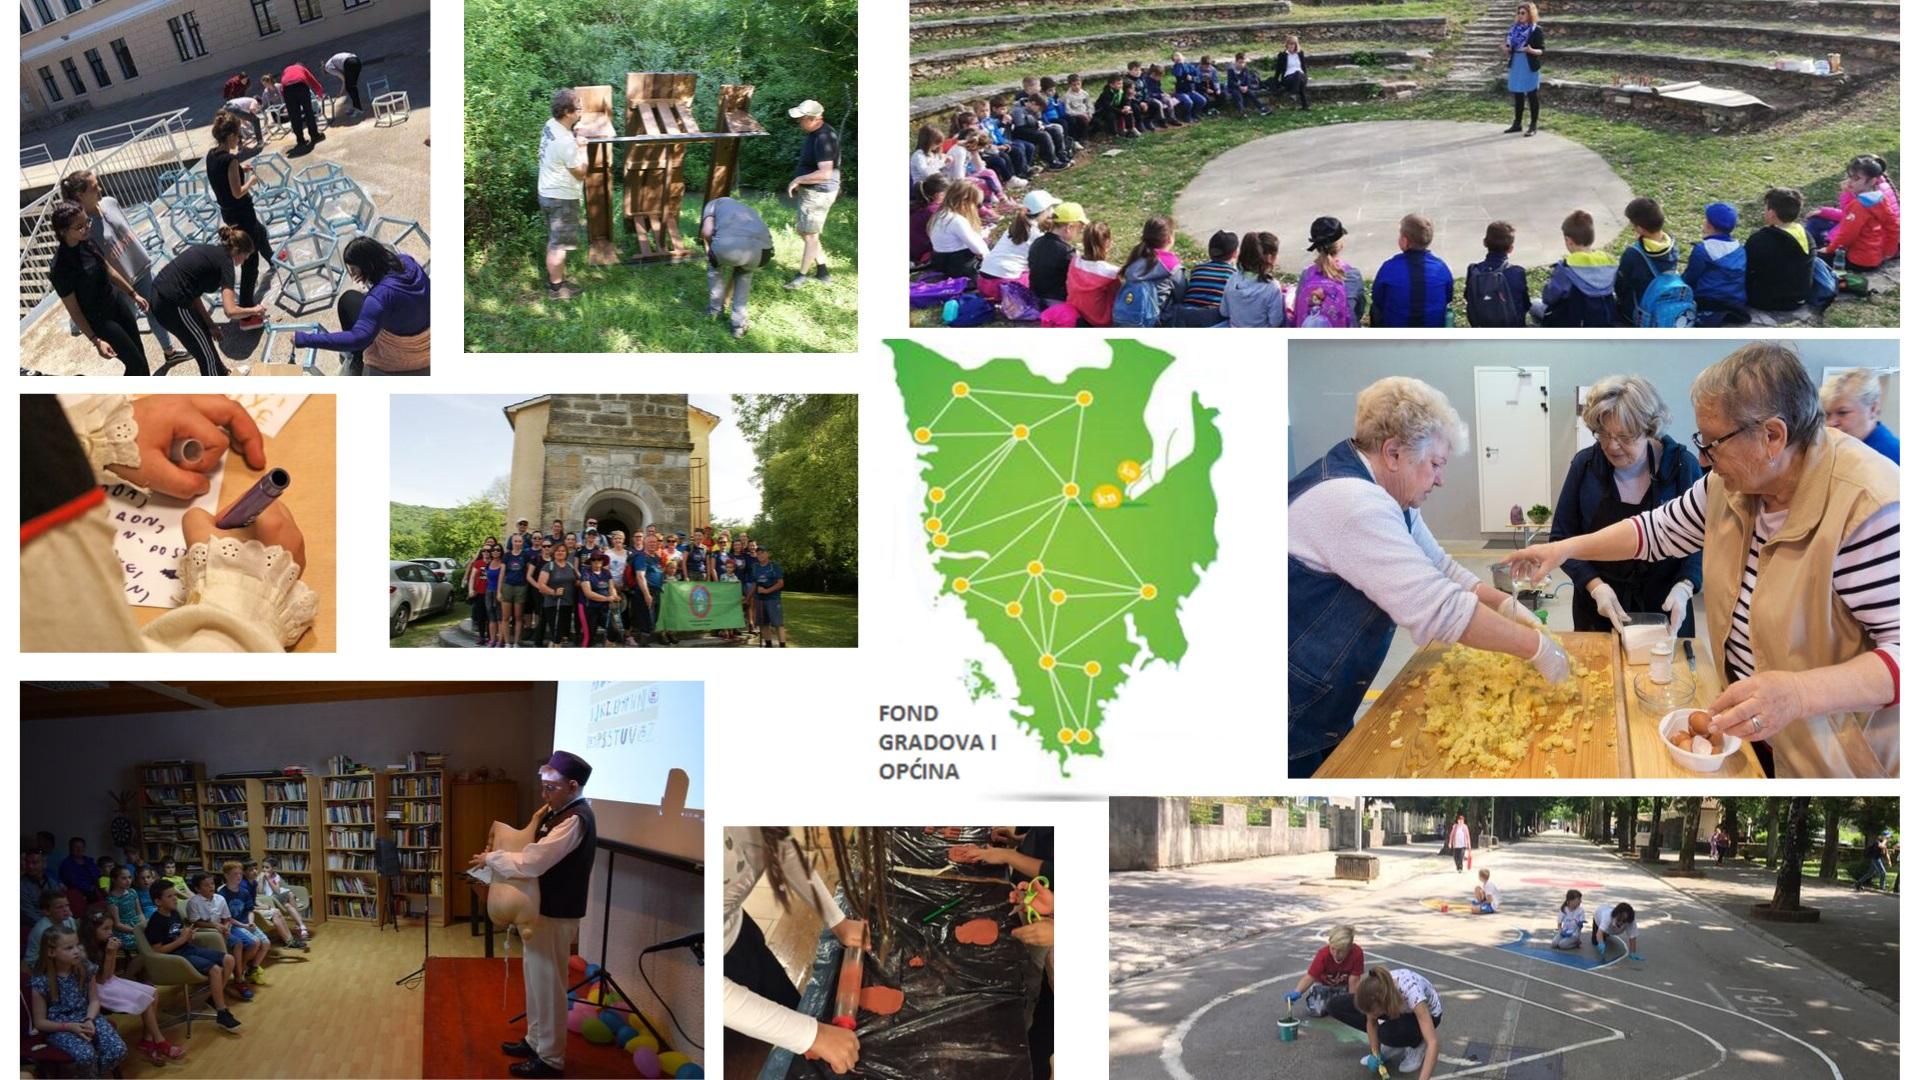 http://www.novigrad.hr/raspisan_2._natjechaj_za_male_projekte_u_zajednici_mali_projekti_za_bolje_s